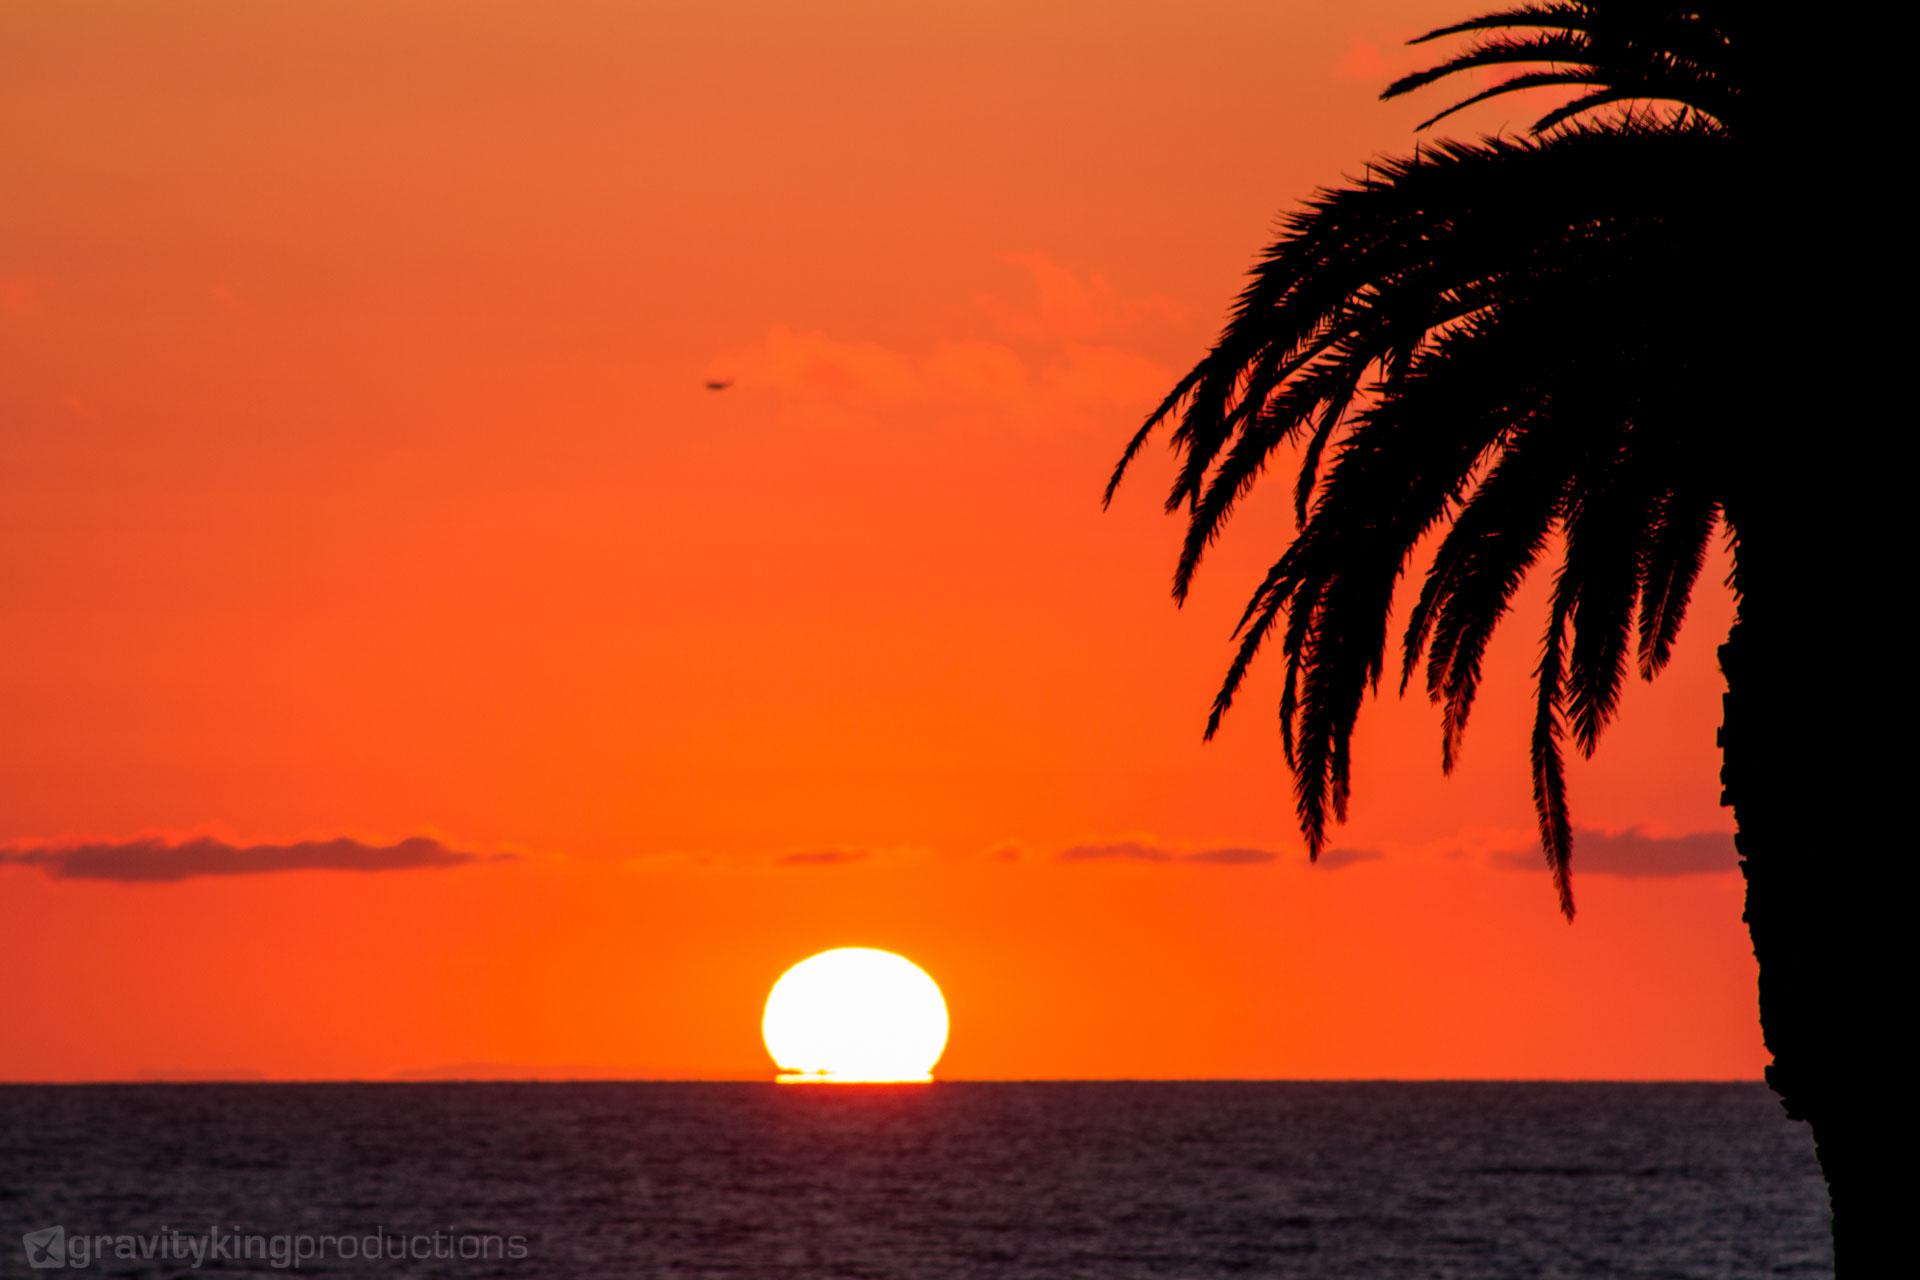 Sunset at Moonlight Beach in Encinitas, CA.